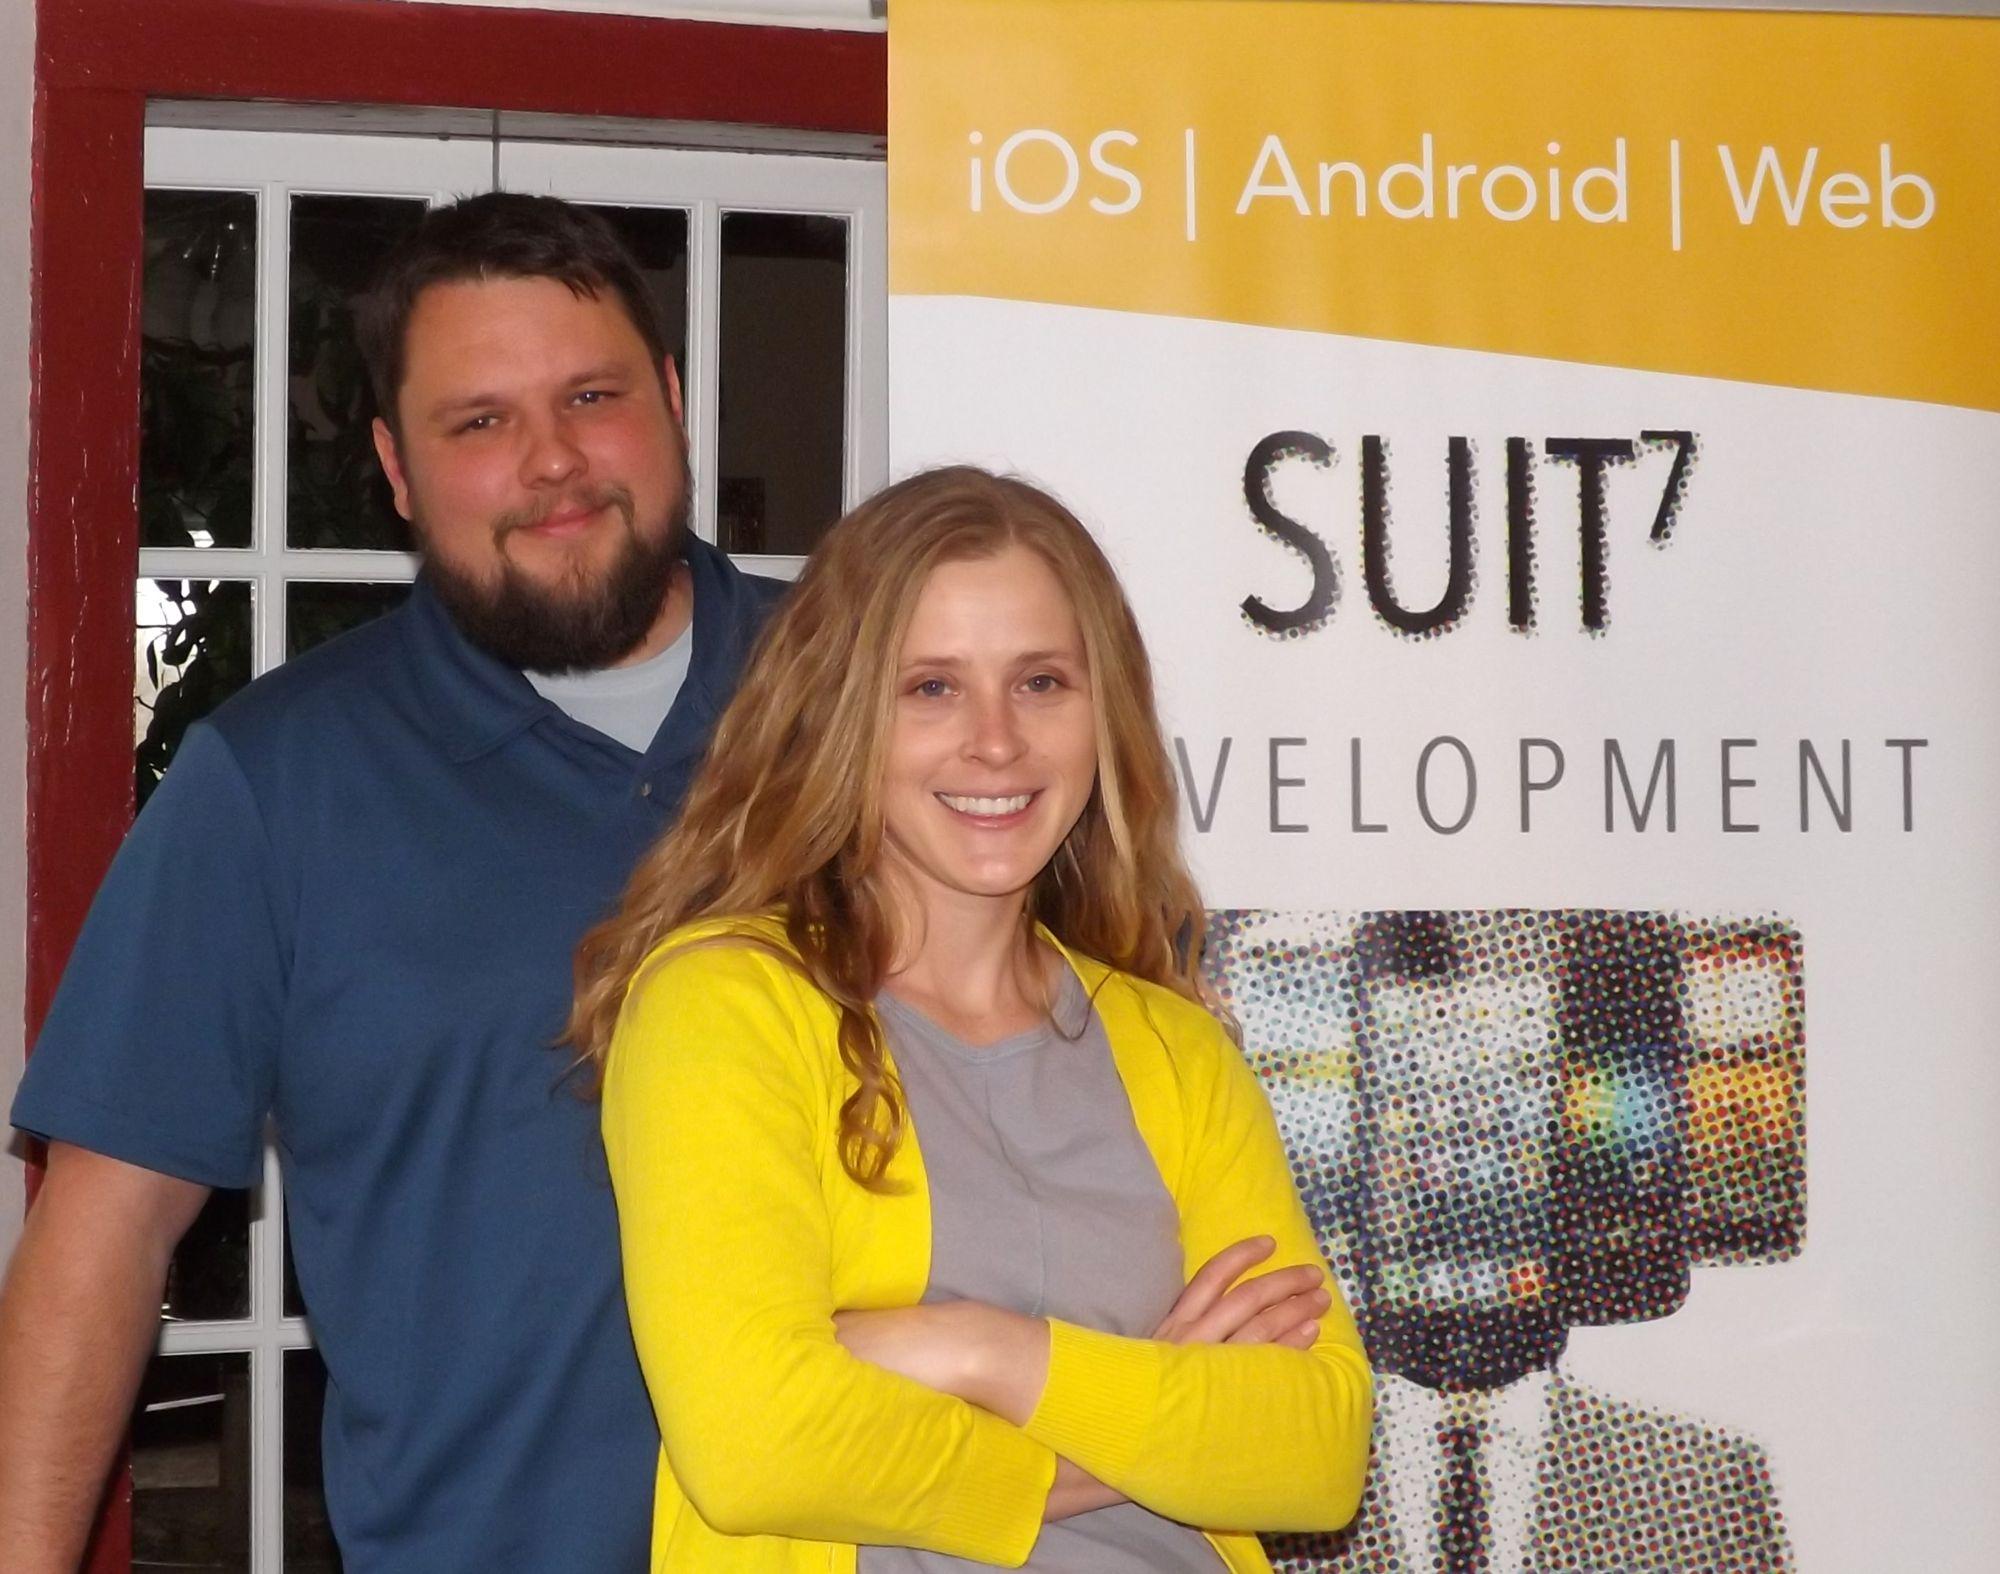 Suit7 Development, Website design west plains mo, Web design, Custom App Development, Suit7 Development, Suit7